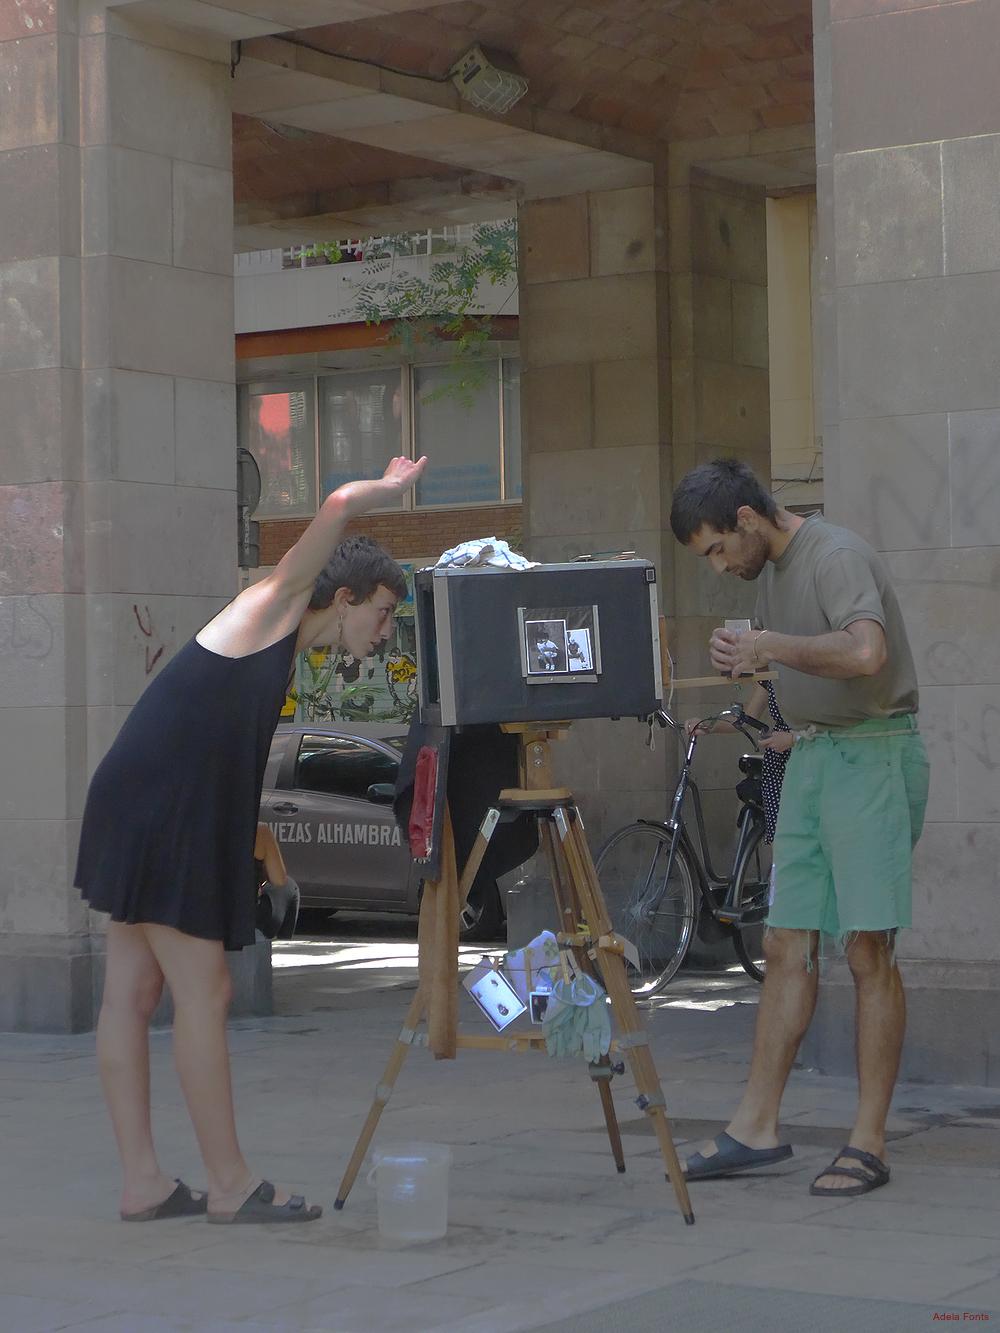 * Fotògrafs al carrer